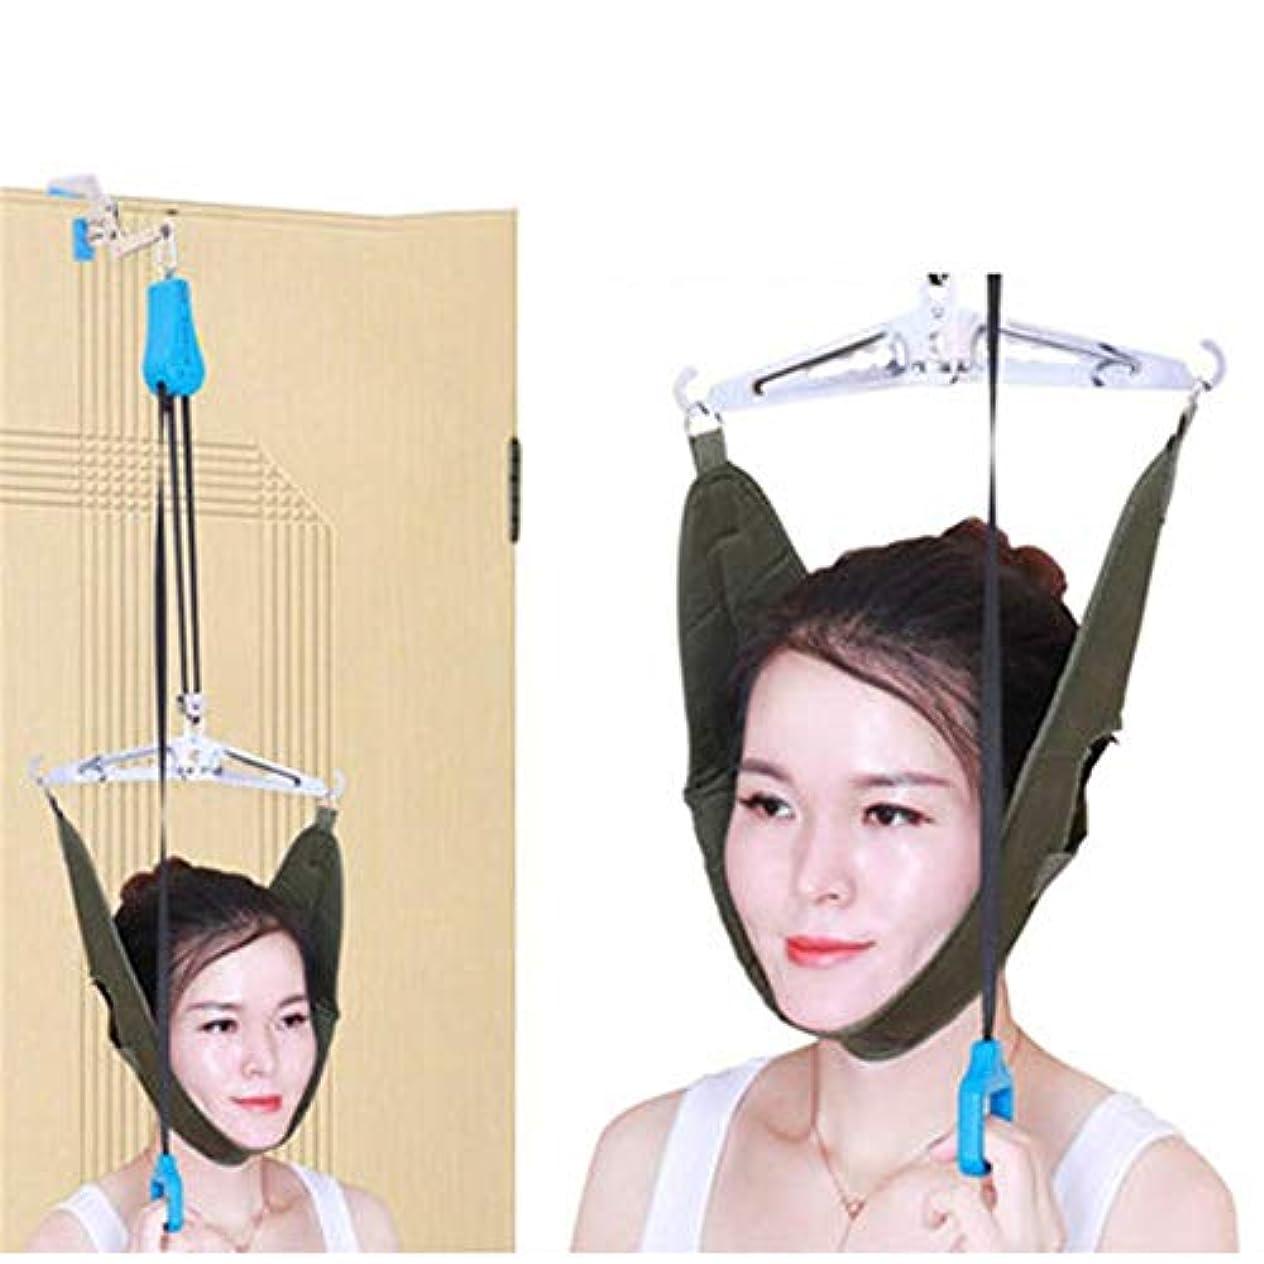 狂う禁じる契約した医療矯正ストレッチフレーム頸椎治療器具頸椎牽引装置首